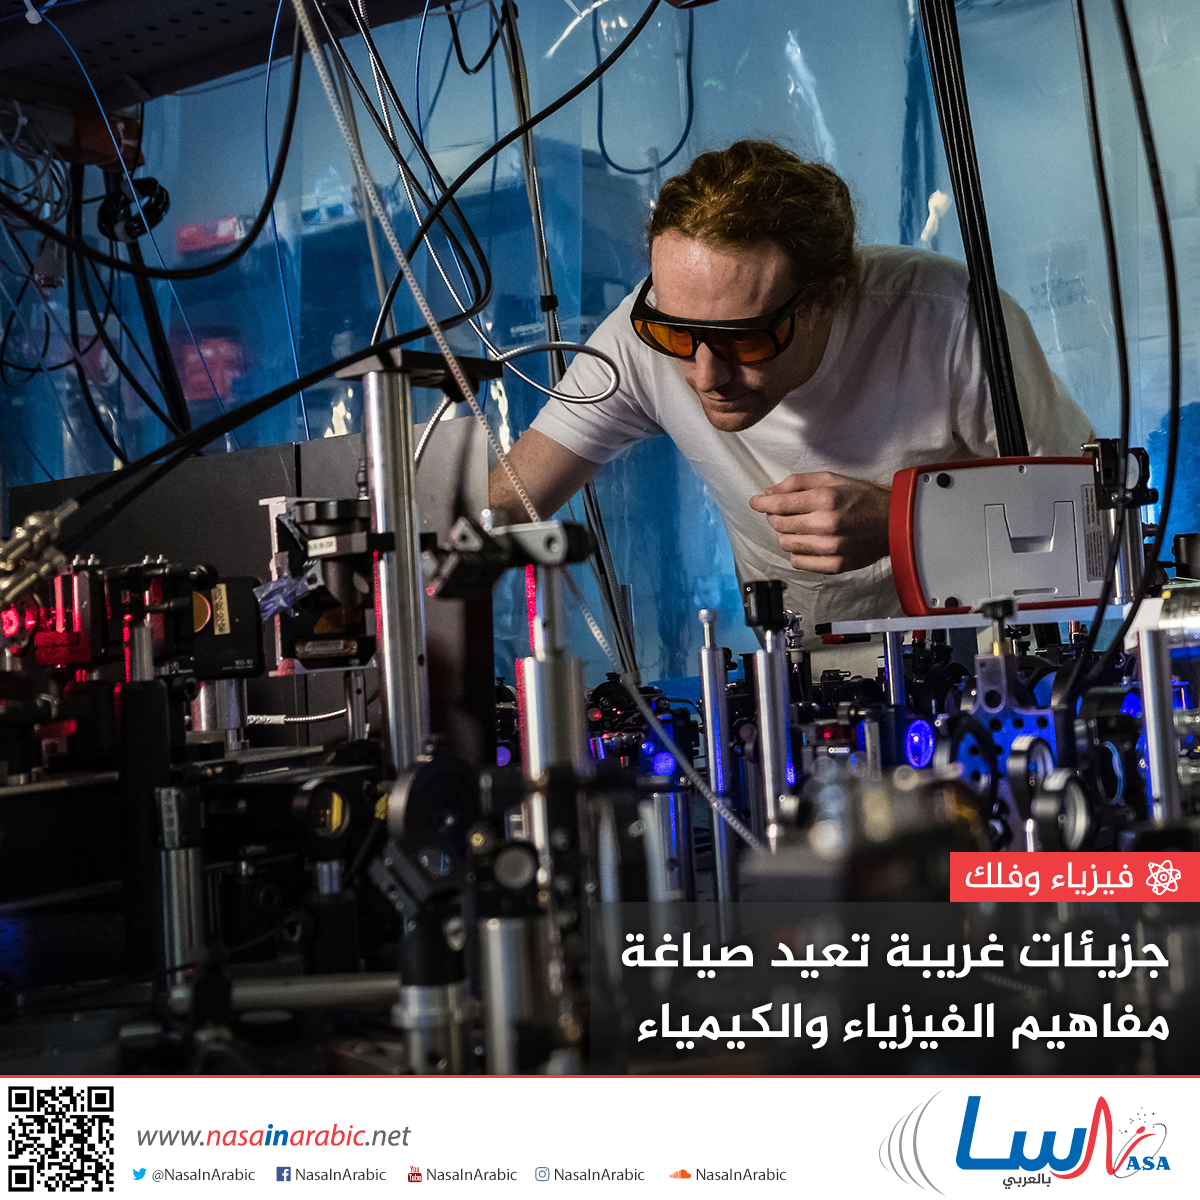 جزيئات غريبة تعيد صياغة مفاهيم الفيزياء والكيمياء